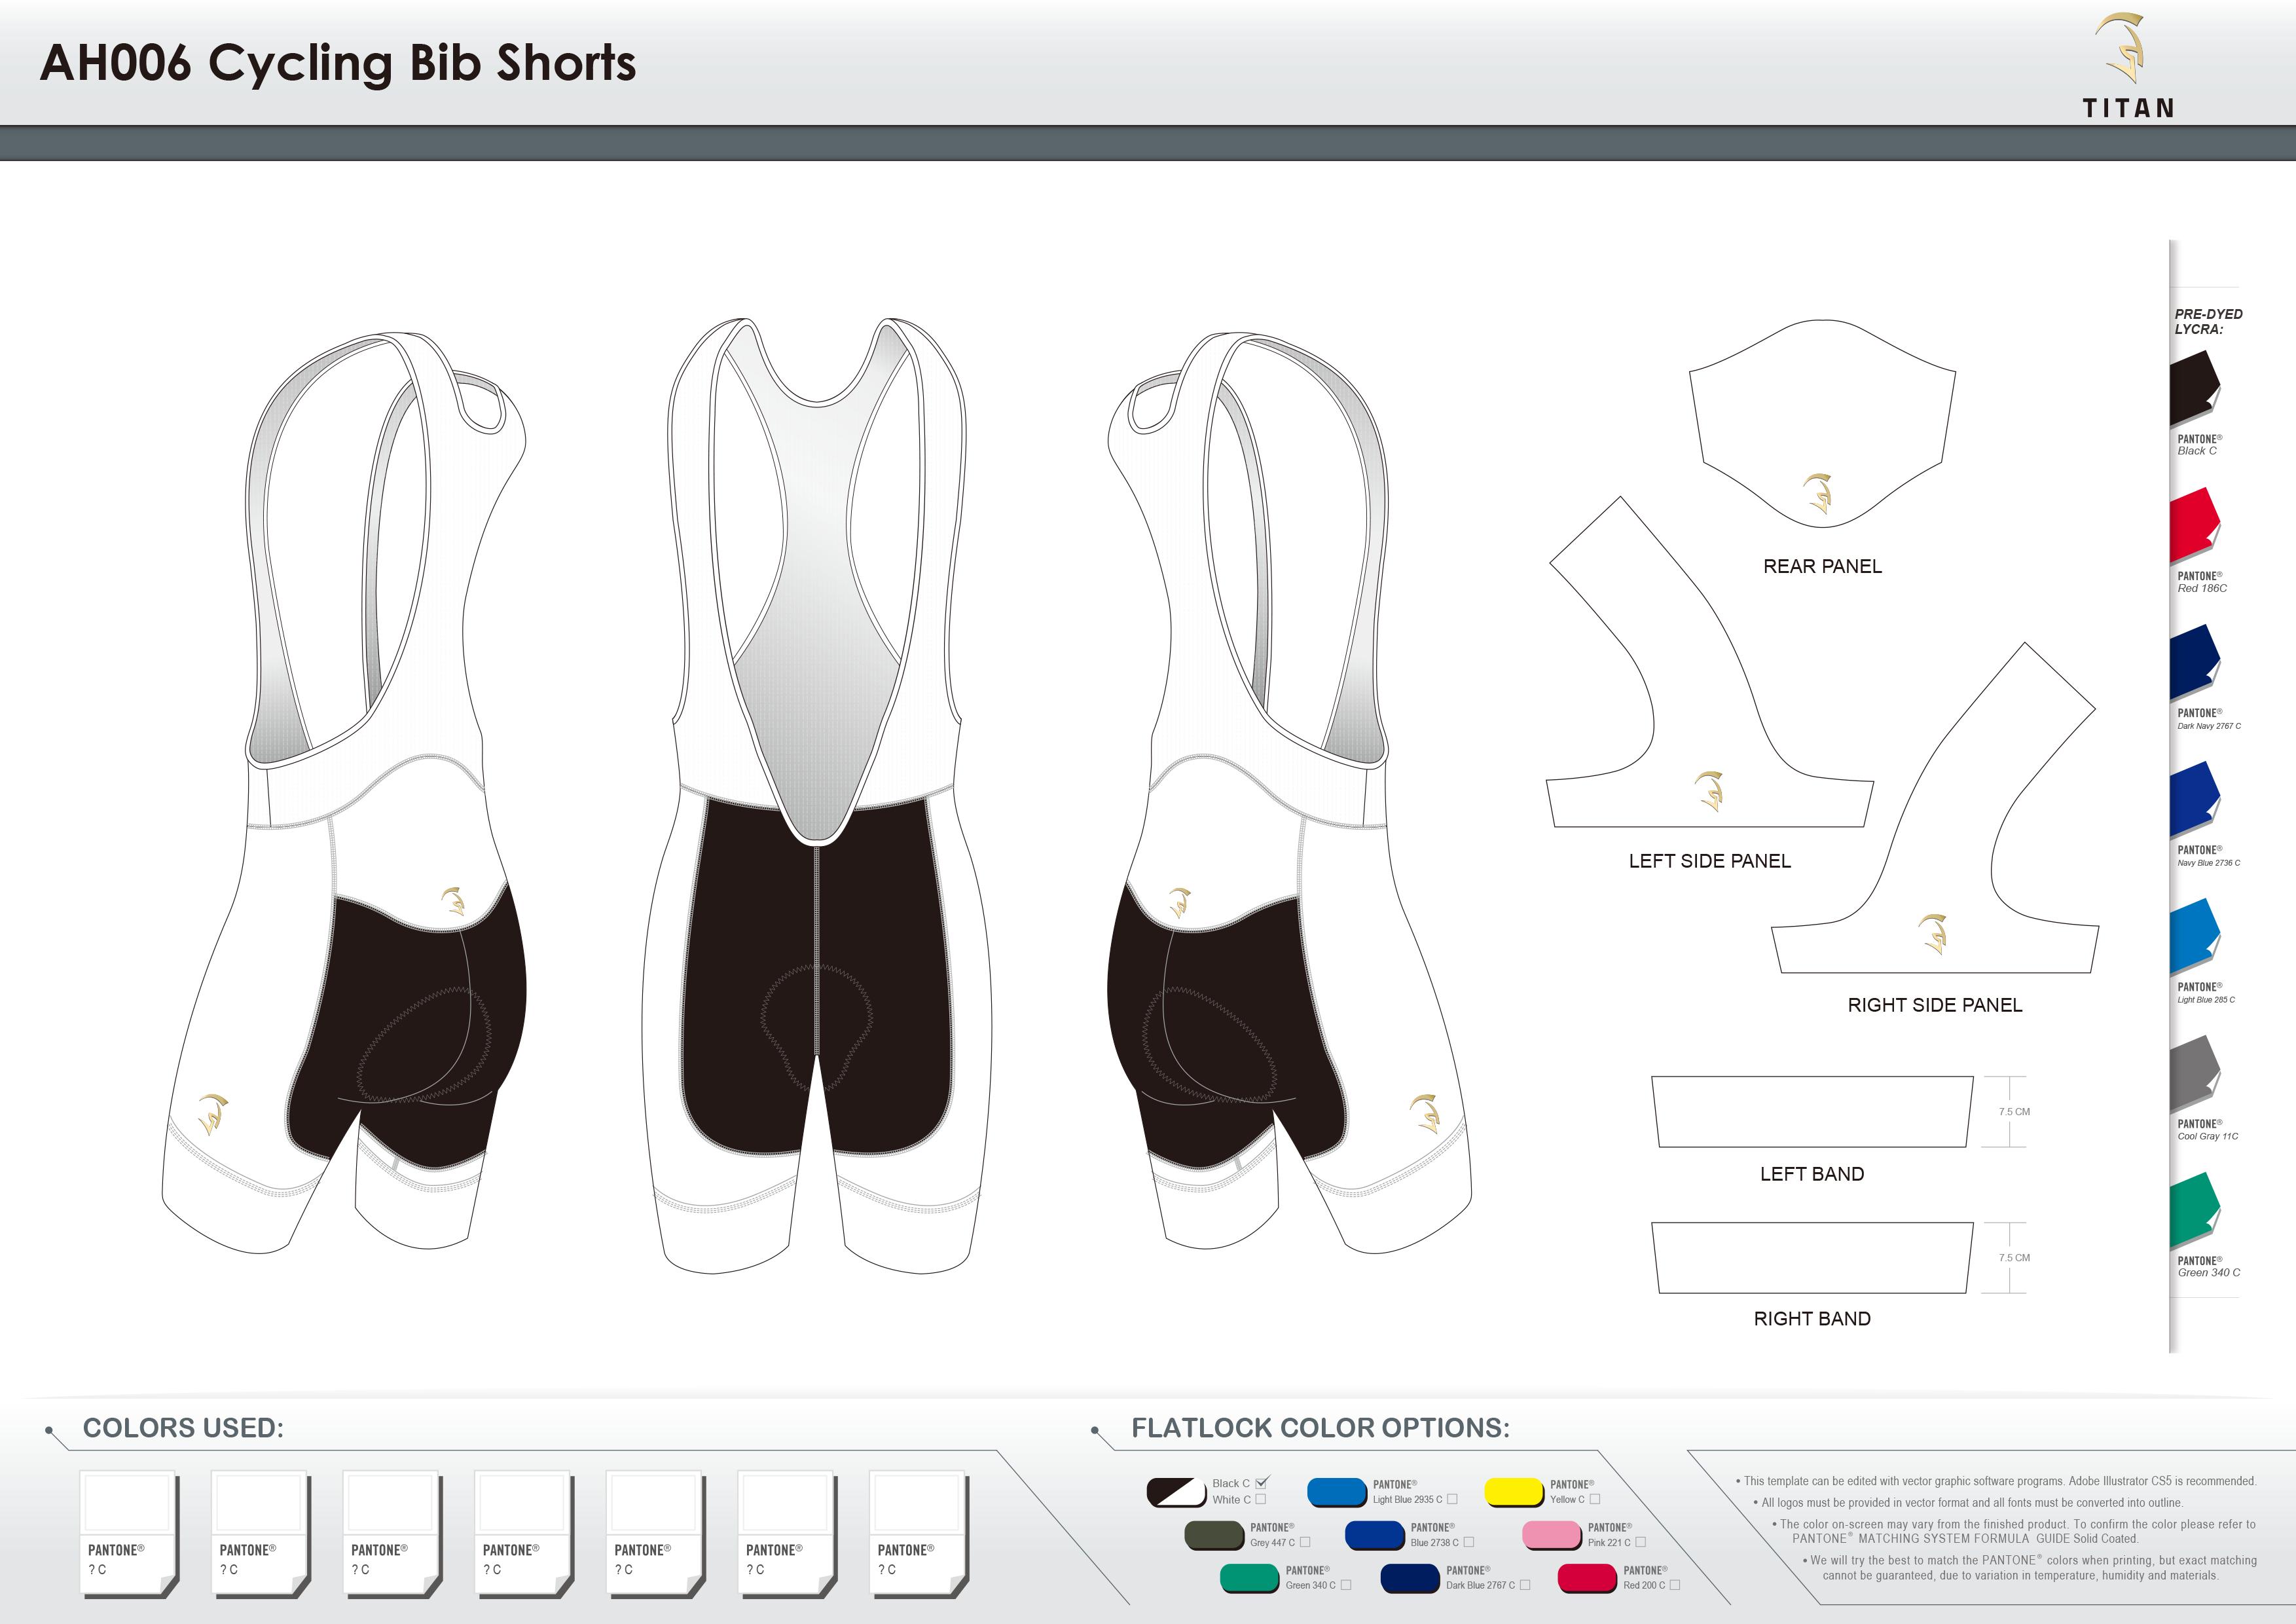 AH006 Cycling Bib Shorts